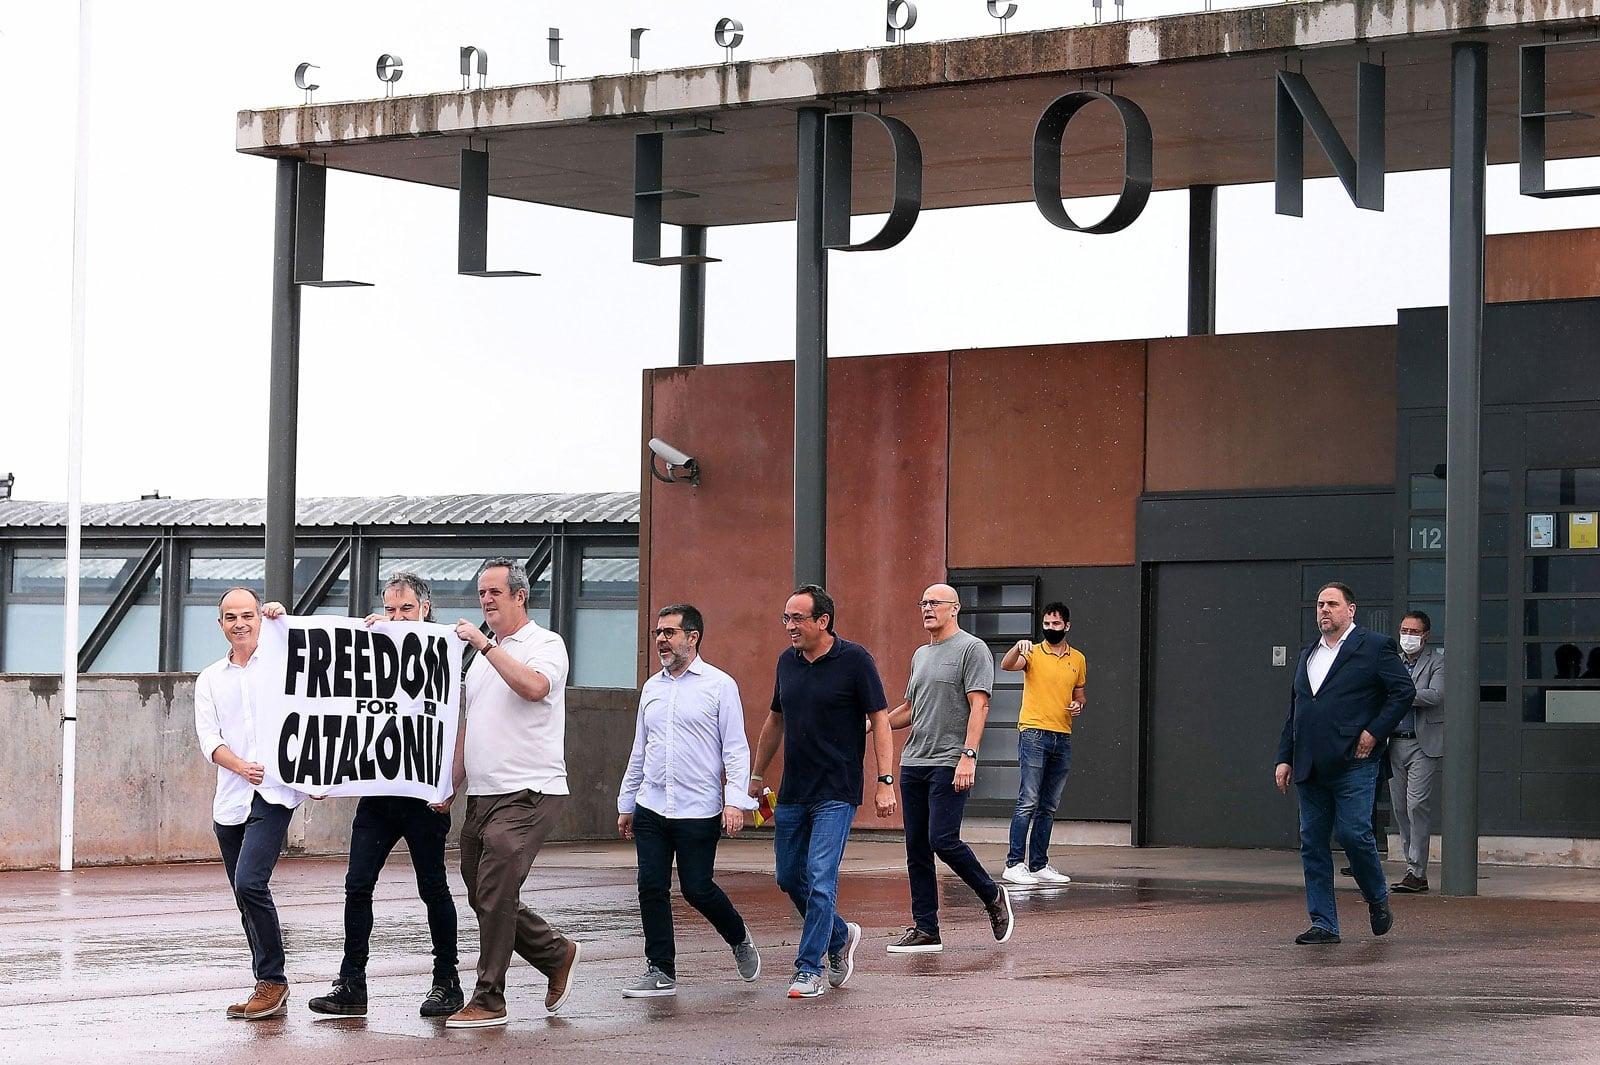 """Els indultats, sortint de la presó. """"Freedom for Catalonia"""" va ser la campanya de distorsió de la preparació dels Jocs Olímpics de la qual Joaquim Forn, que sosté la pancarta, va ser un dels principals activistes. Fotografia de Josep Lago. AFP. Getty Images."""